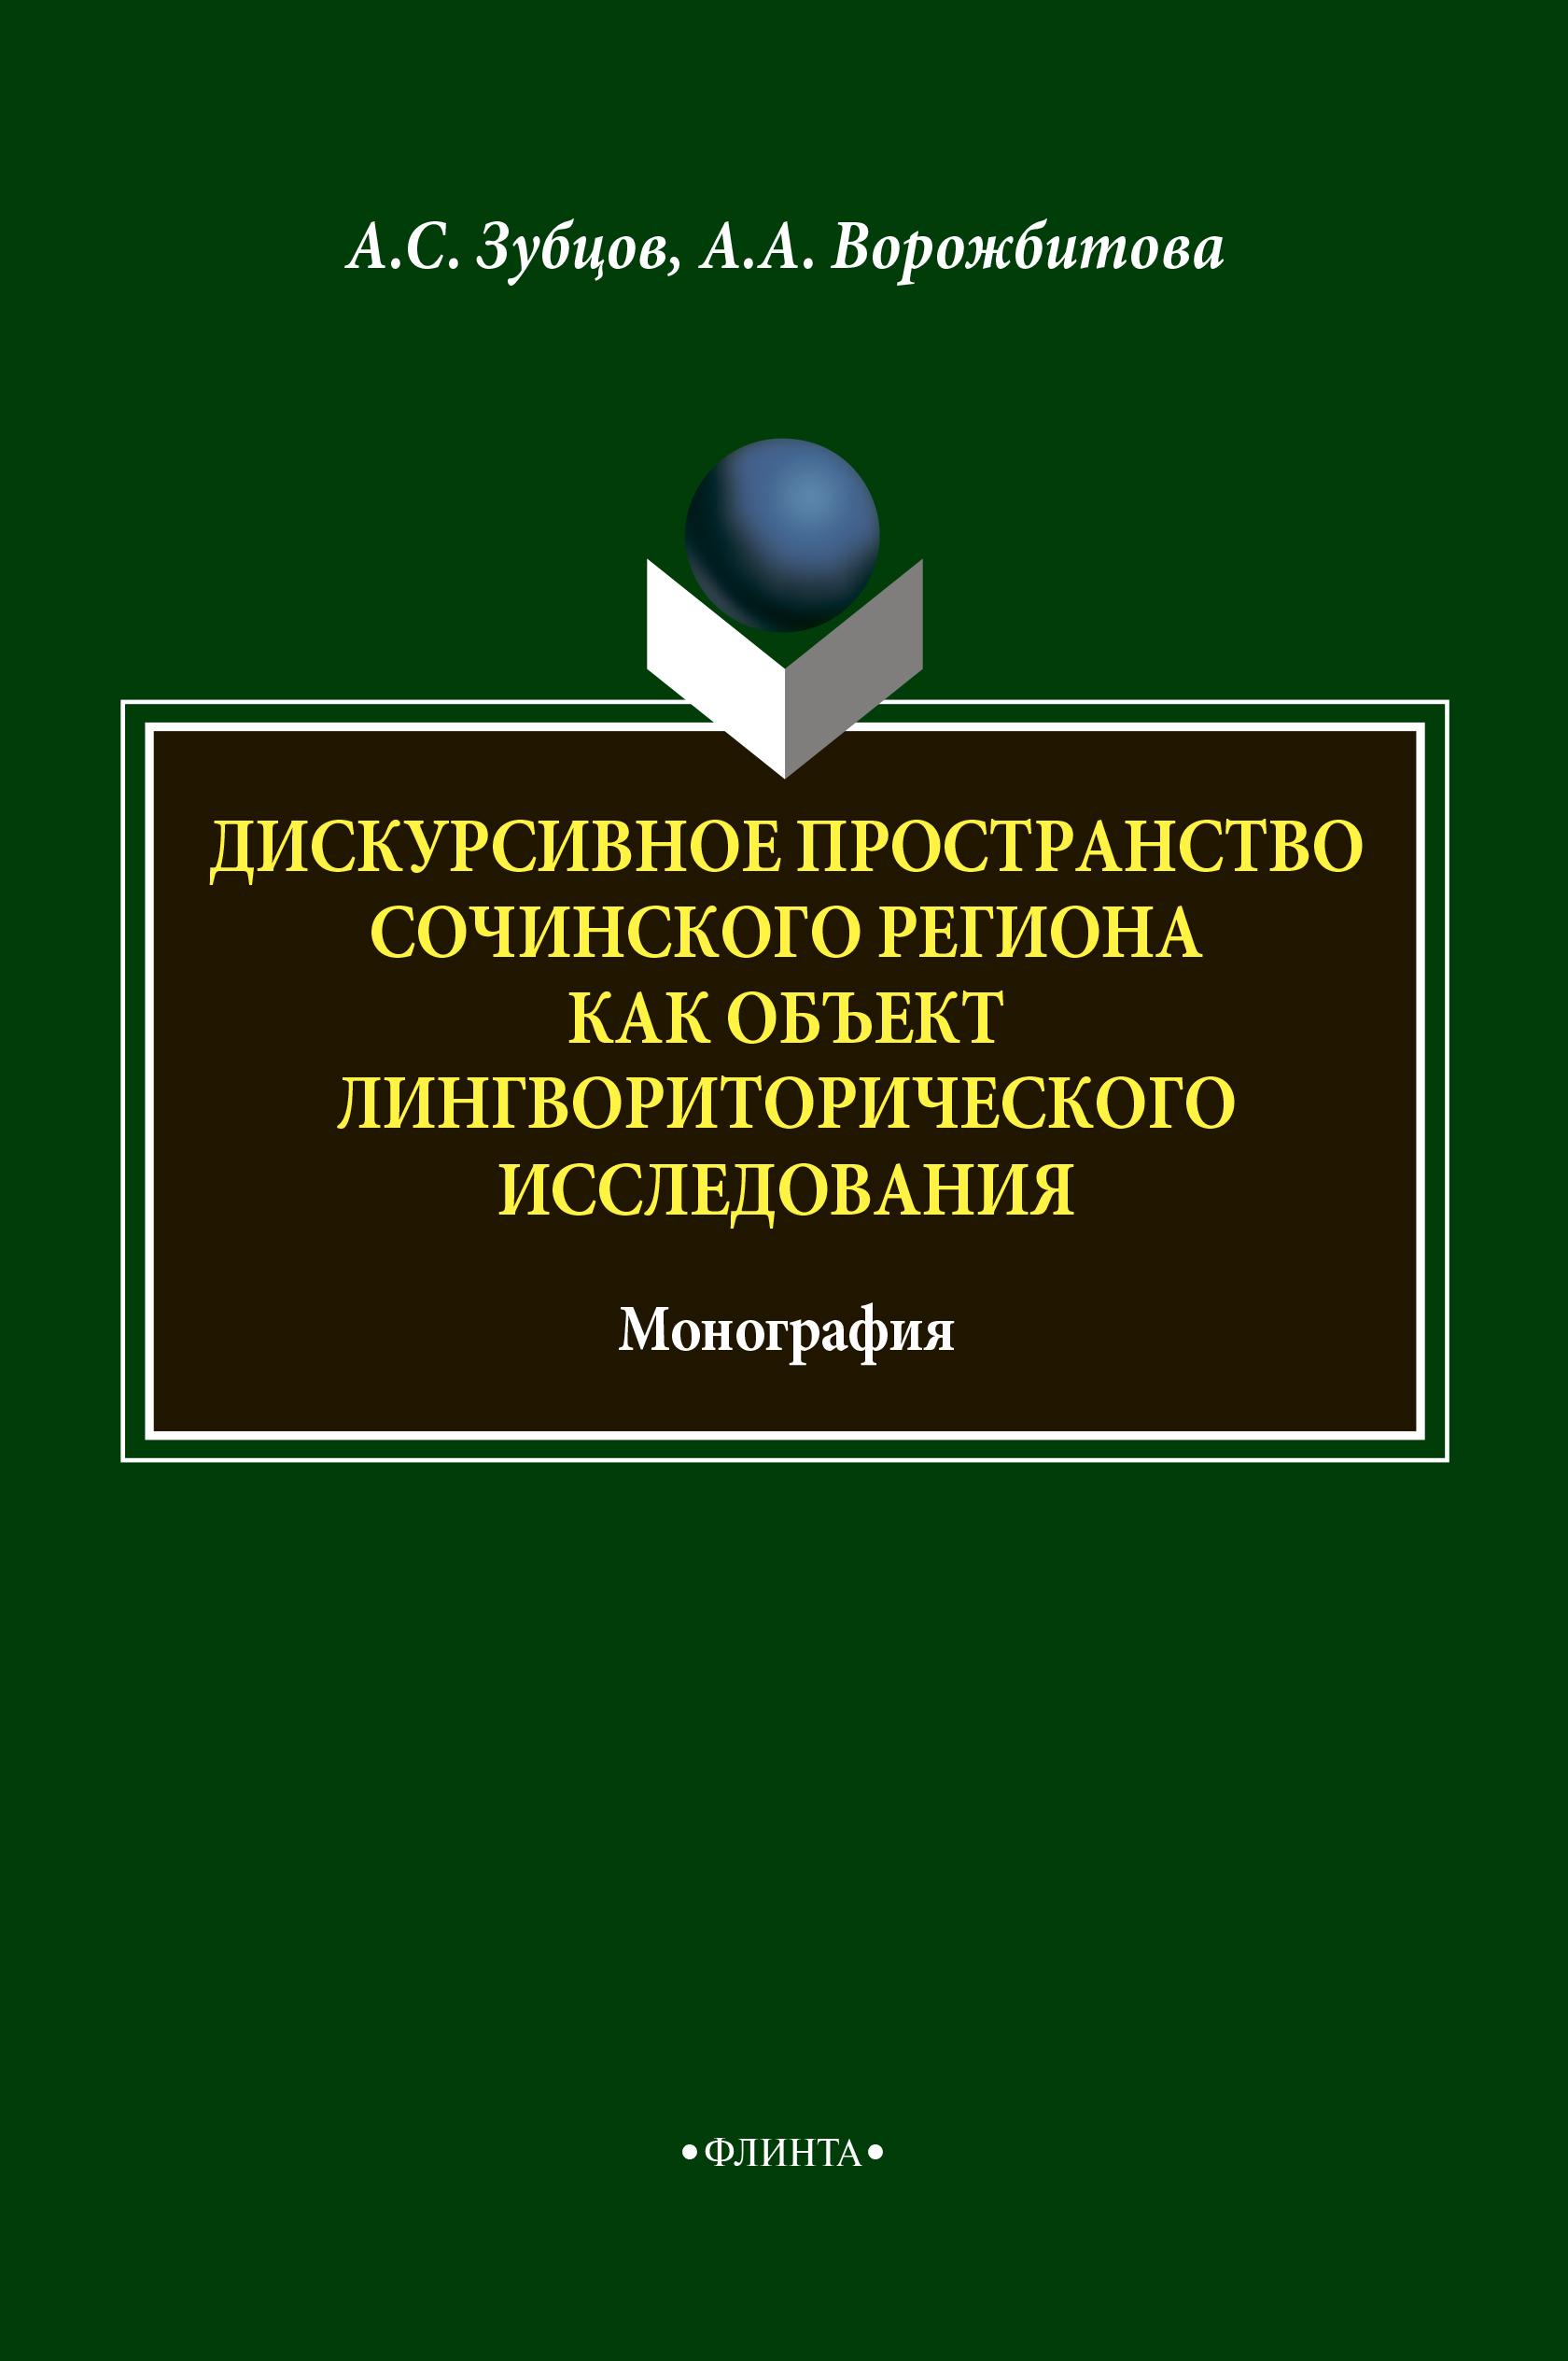 А. А. Ворожбитова Дискурсивное пространство Сочинского региона как объект лингвориторического исследования цена 2017